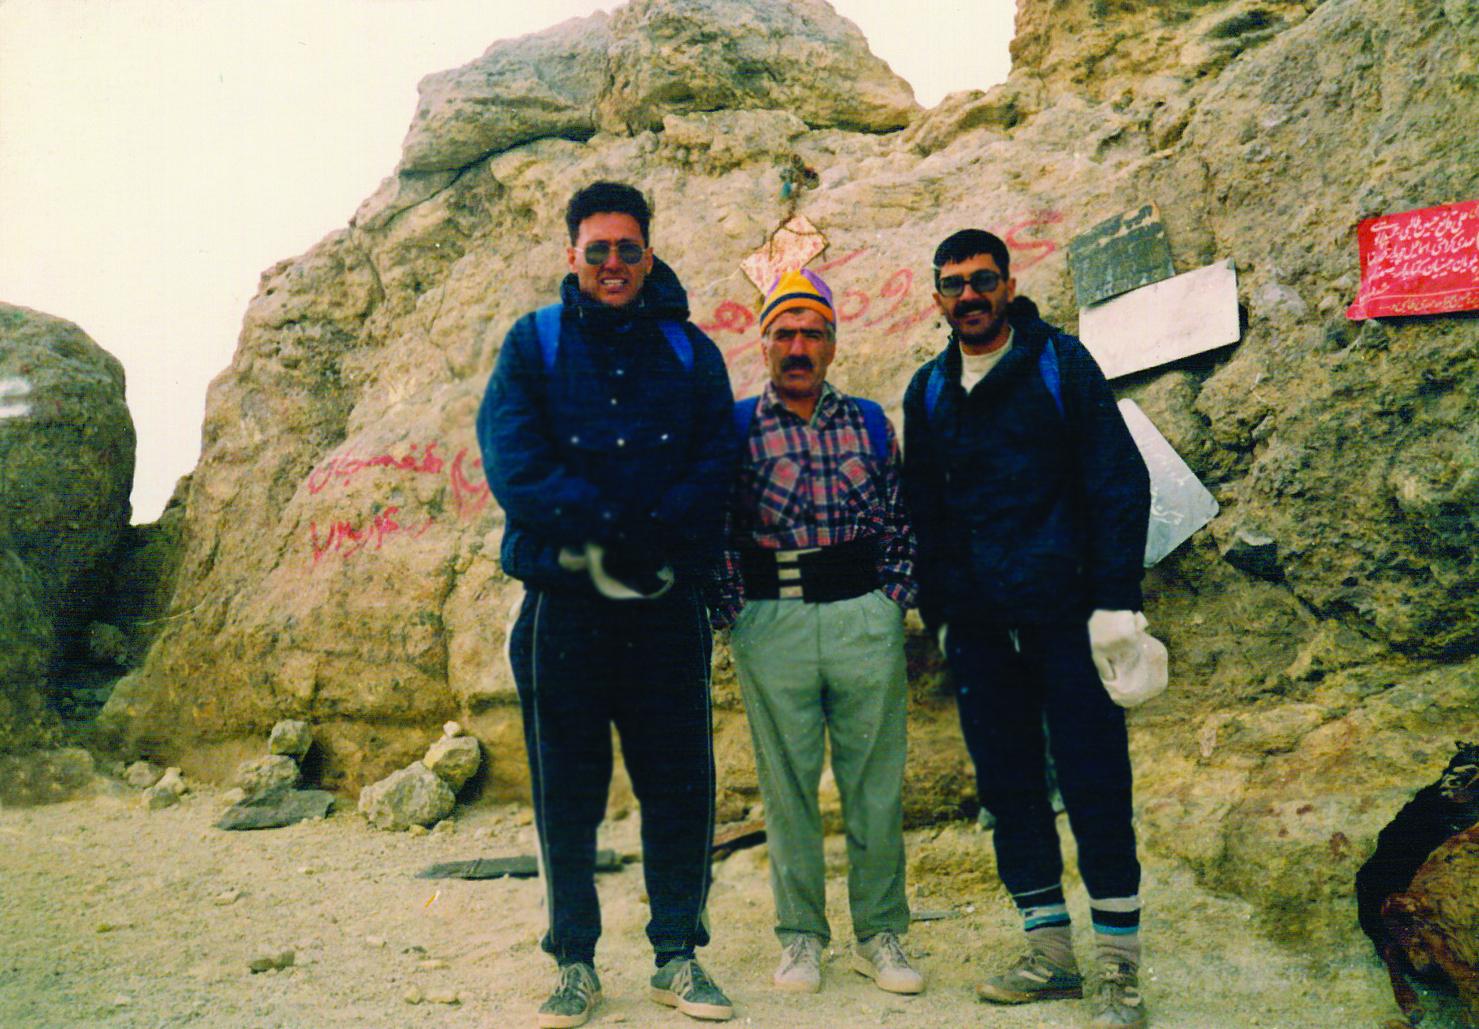 گزارش برنامه صعود یک روزه قله دماوند (از تهران به تهران) ـ ۱۳۹۳٫۰۷٫۰۴